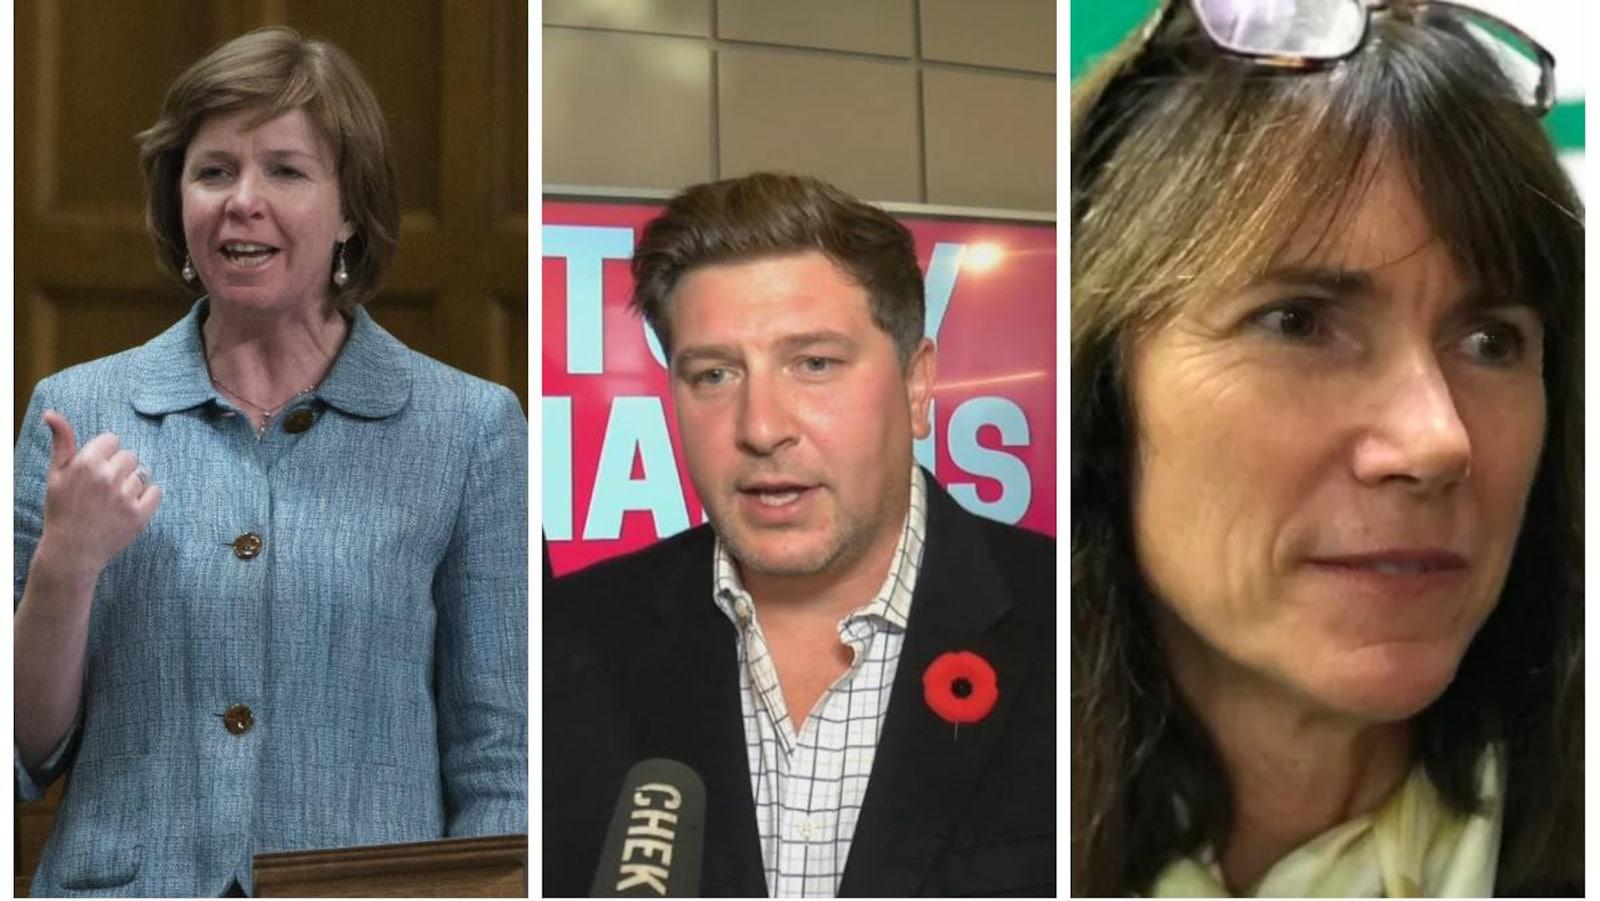 Montage photo des trois candidats.